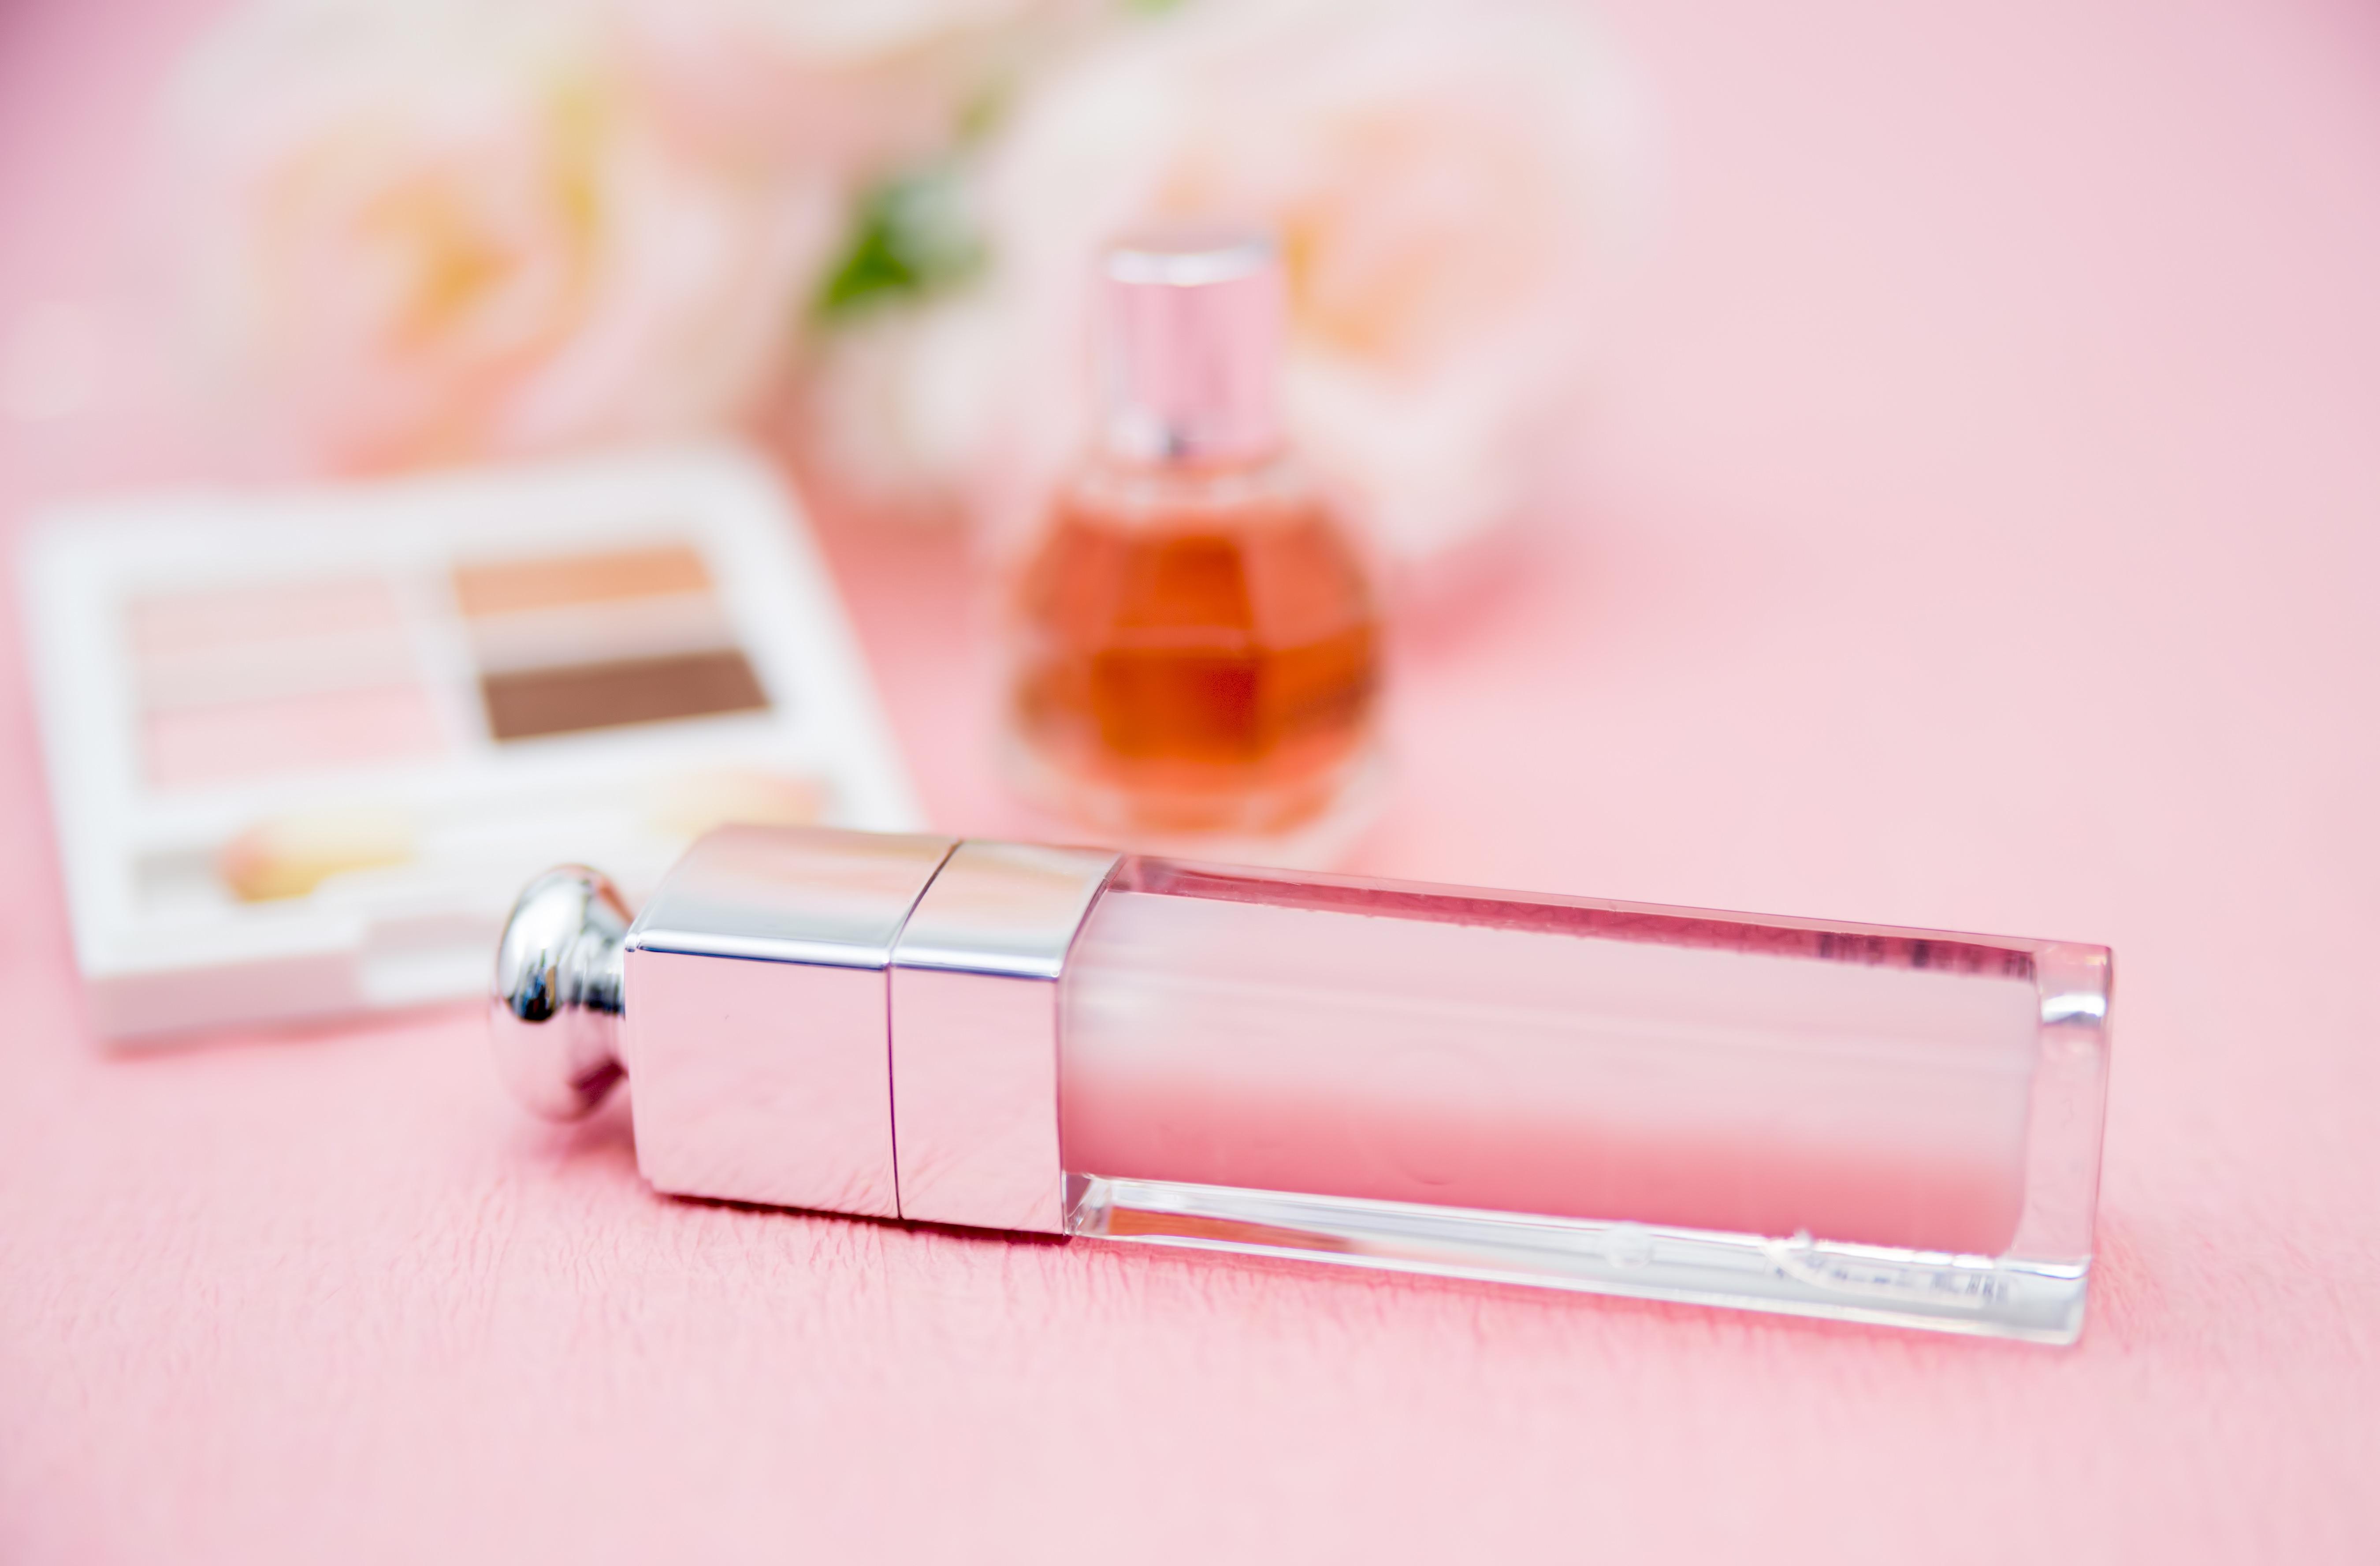 高級化粧品の効果は?話題のヒルドイドを美容と赤ちゃんの保湿で使用